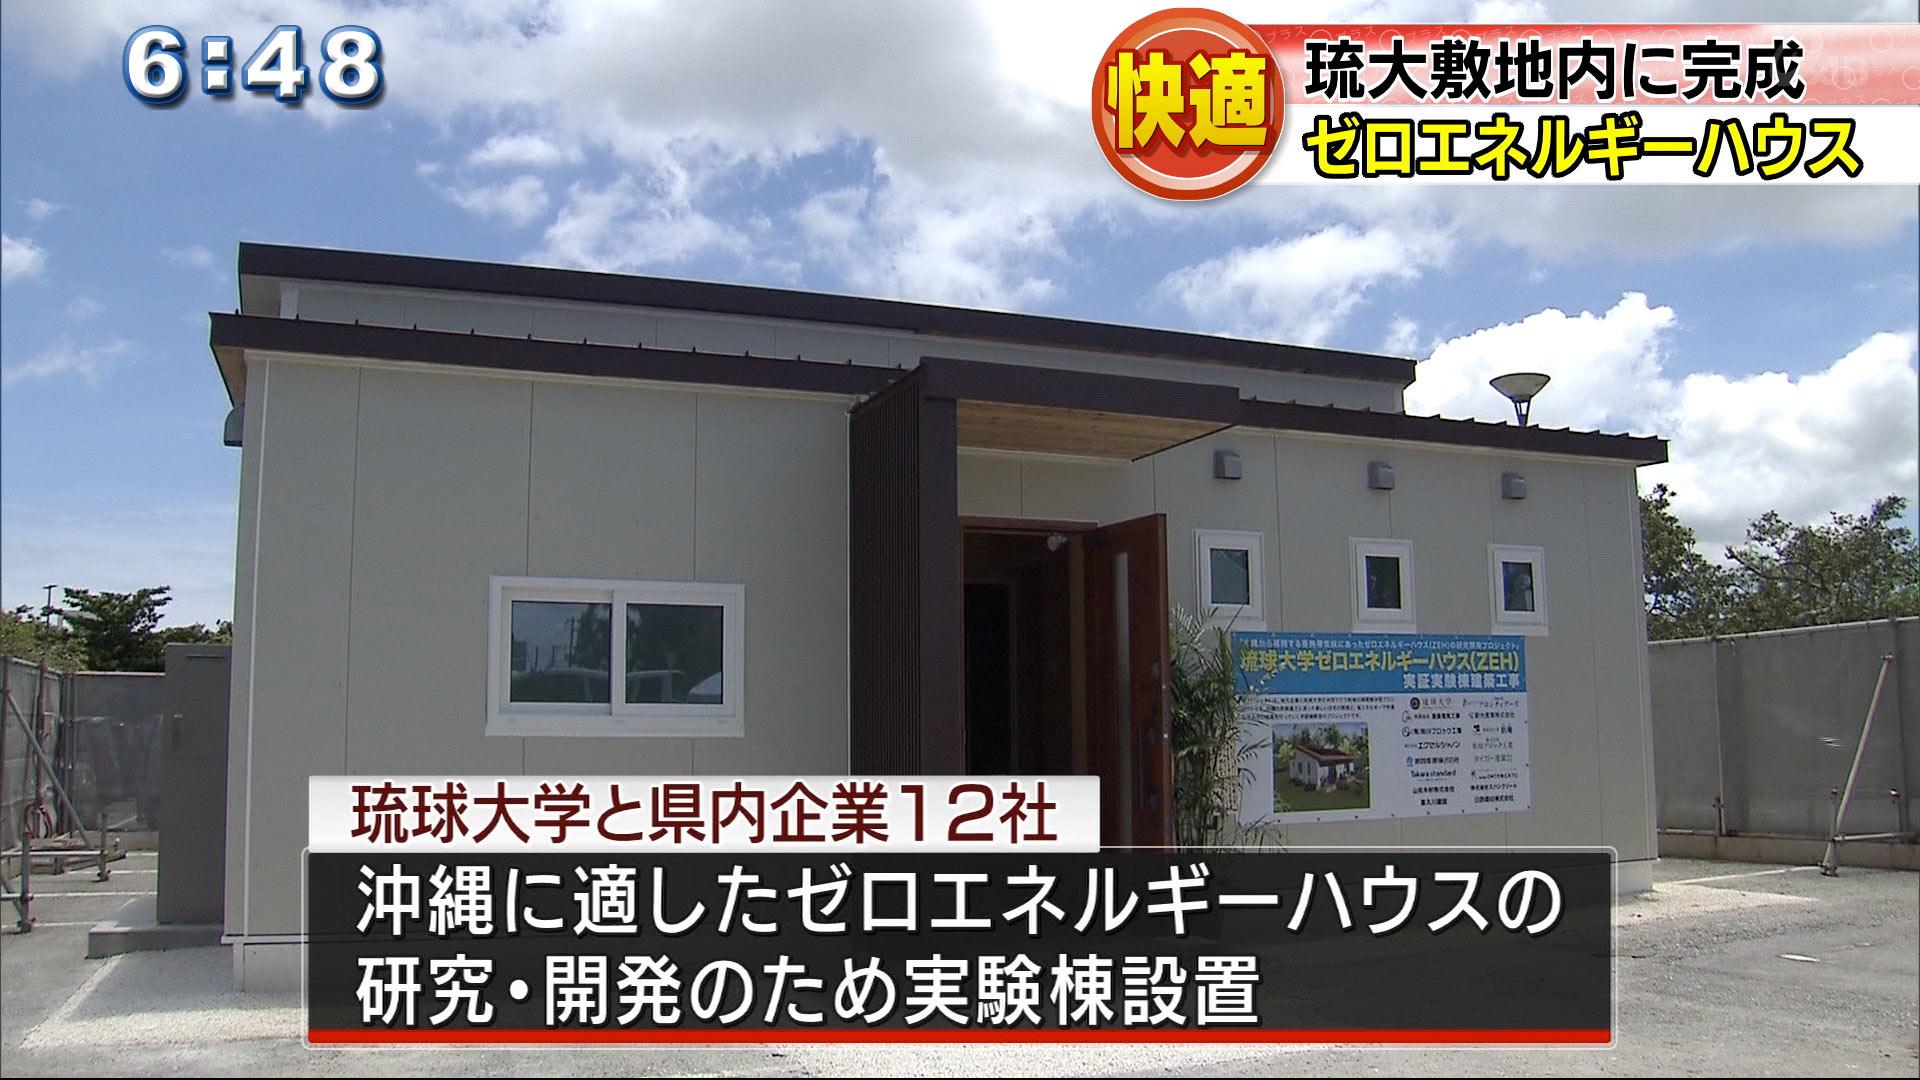 琉大でゼロエネルギーハウス実験